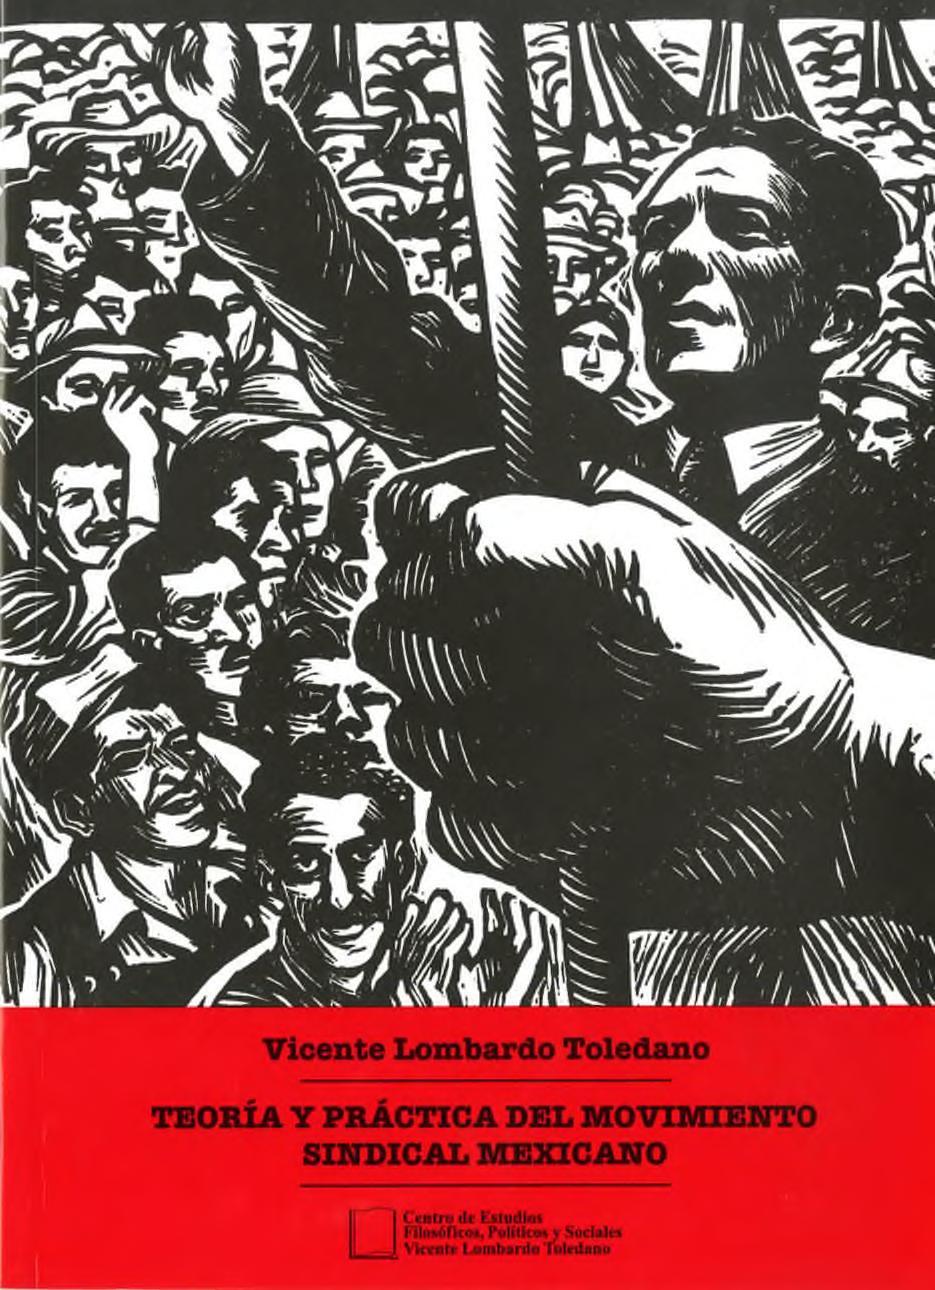 Portada del libro: TEORÍA Y PRÁCTICA DEL MOVIMIENTO SINDICAL MEXICANO